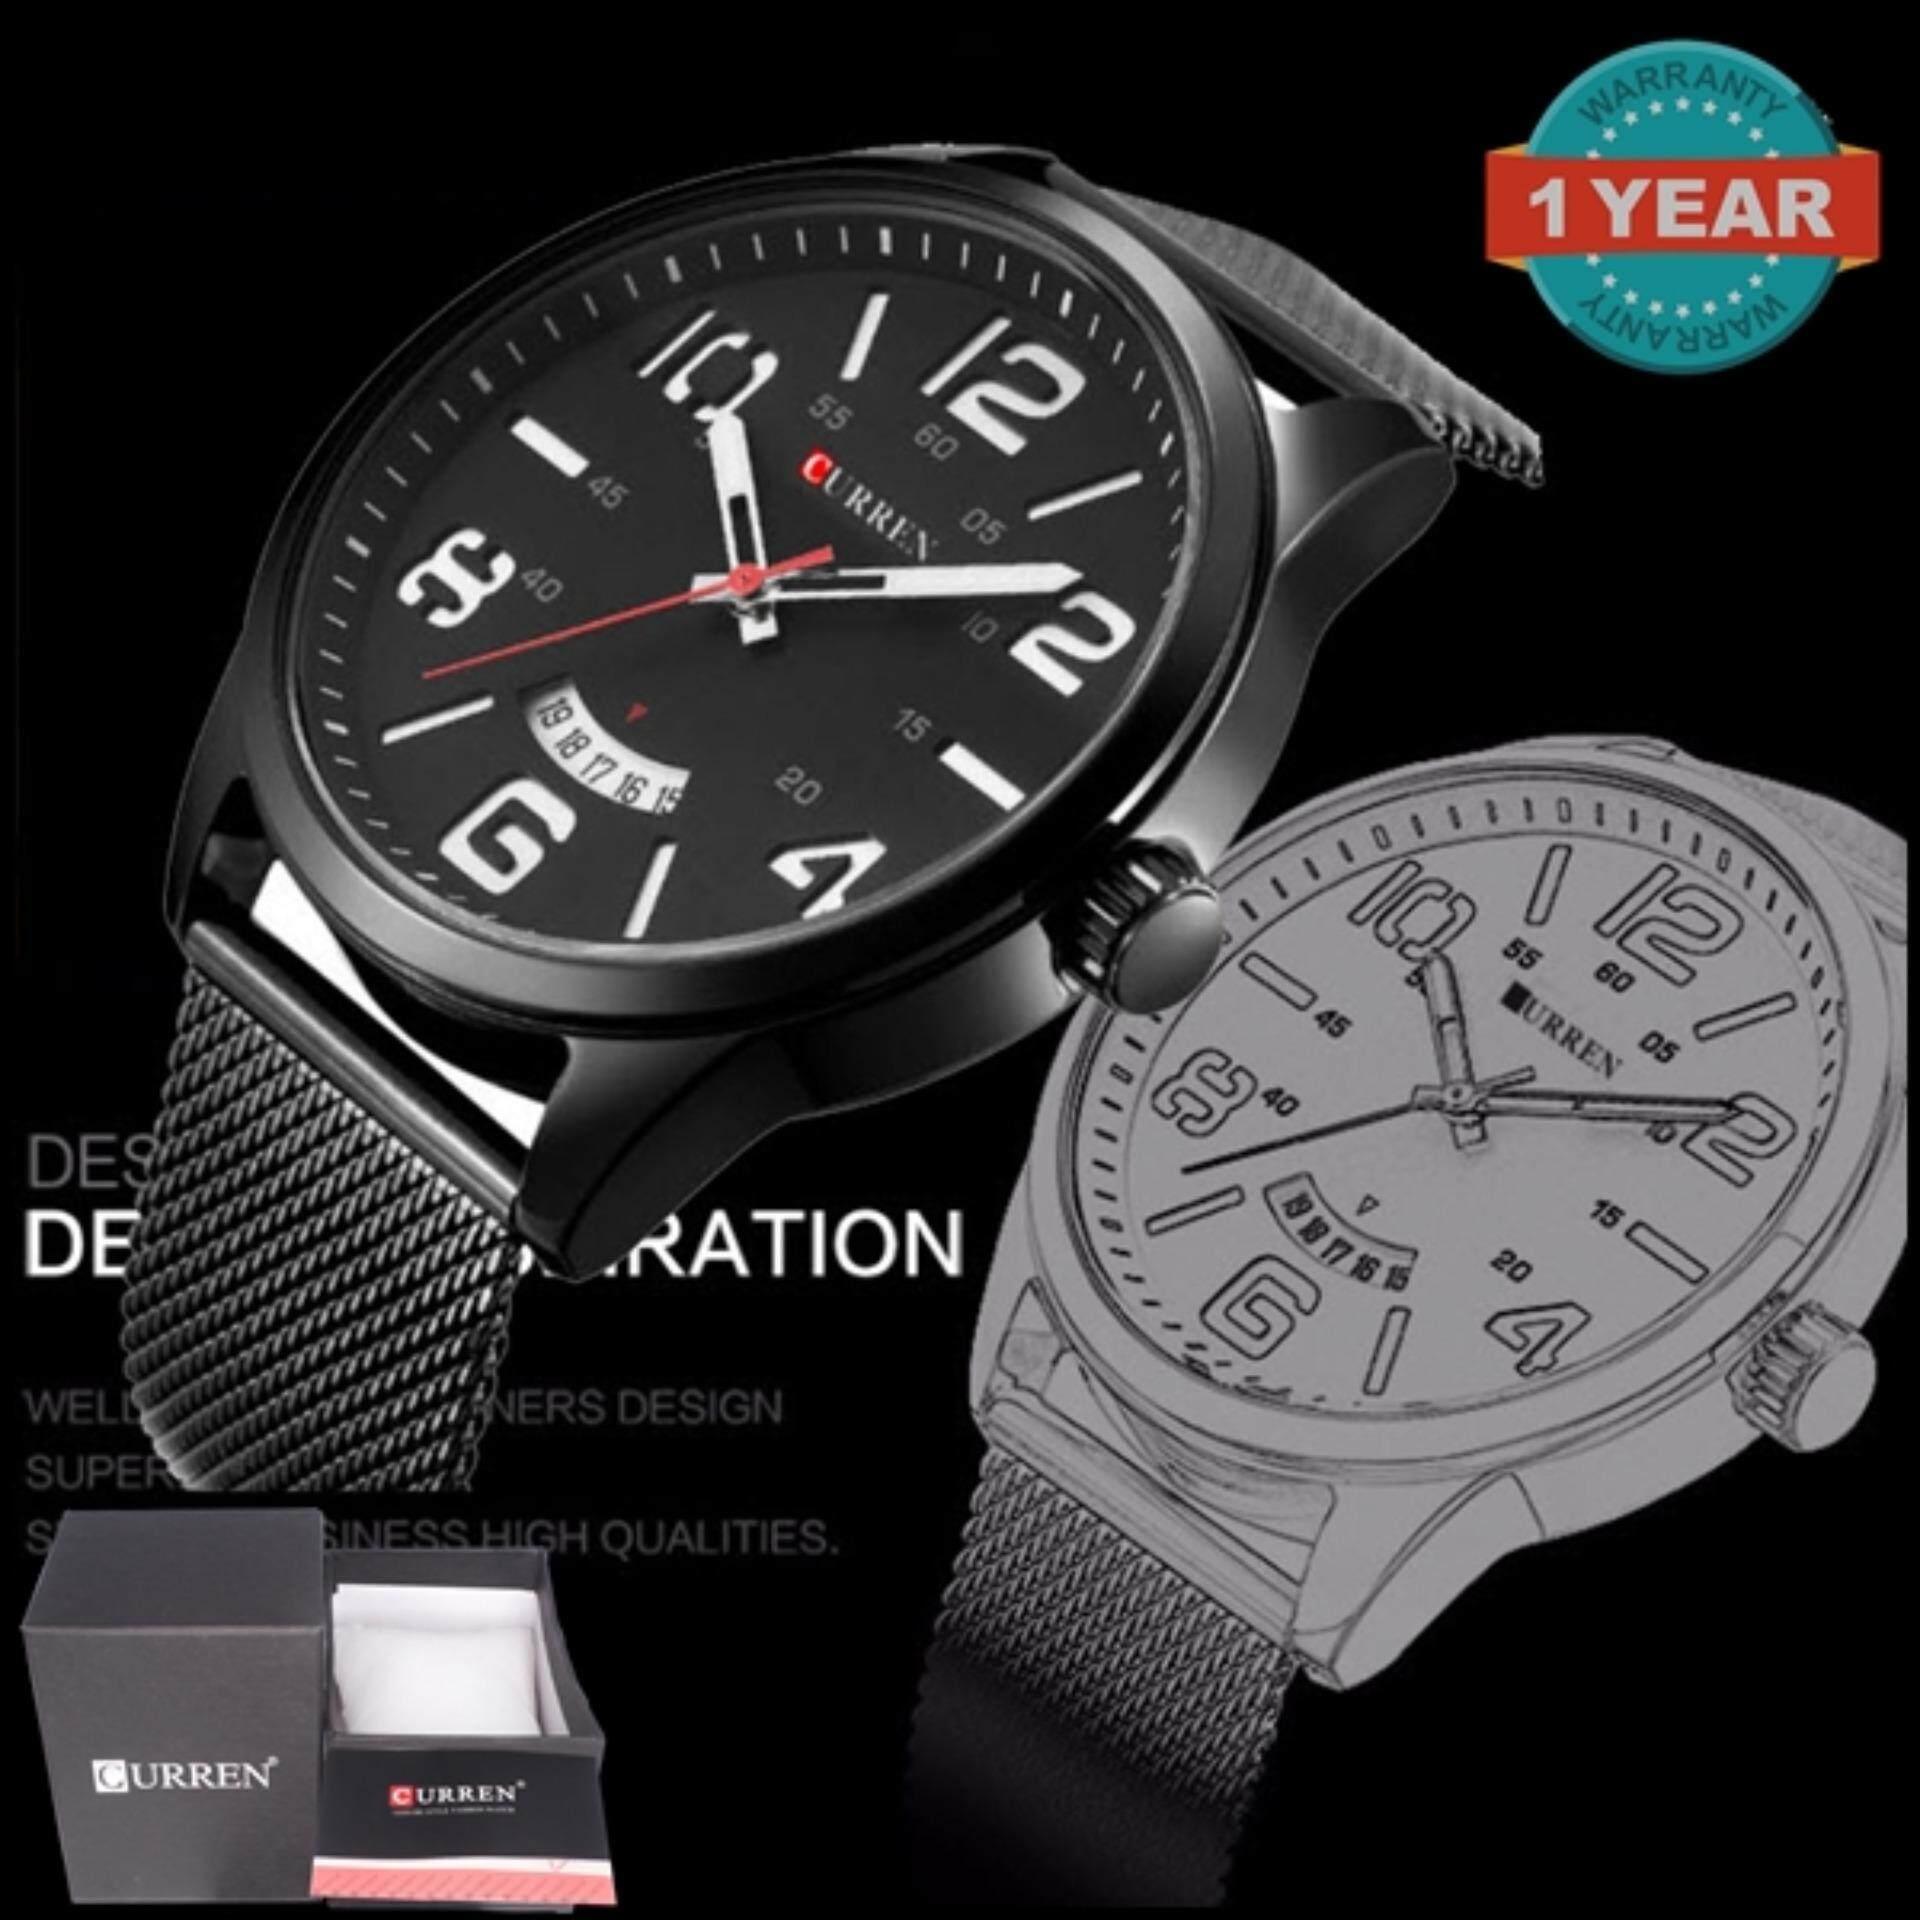 ขาย Curren นาฬิกาข้อมือสุภาพบุรุษ สายสแตนเลส รุ่น C8236 Black Black White Hands สมุทรปราการ